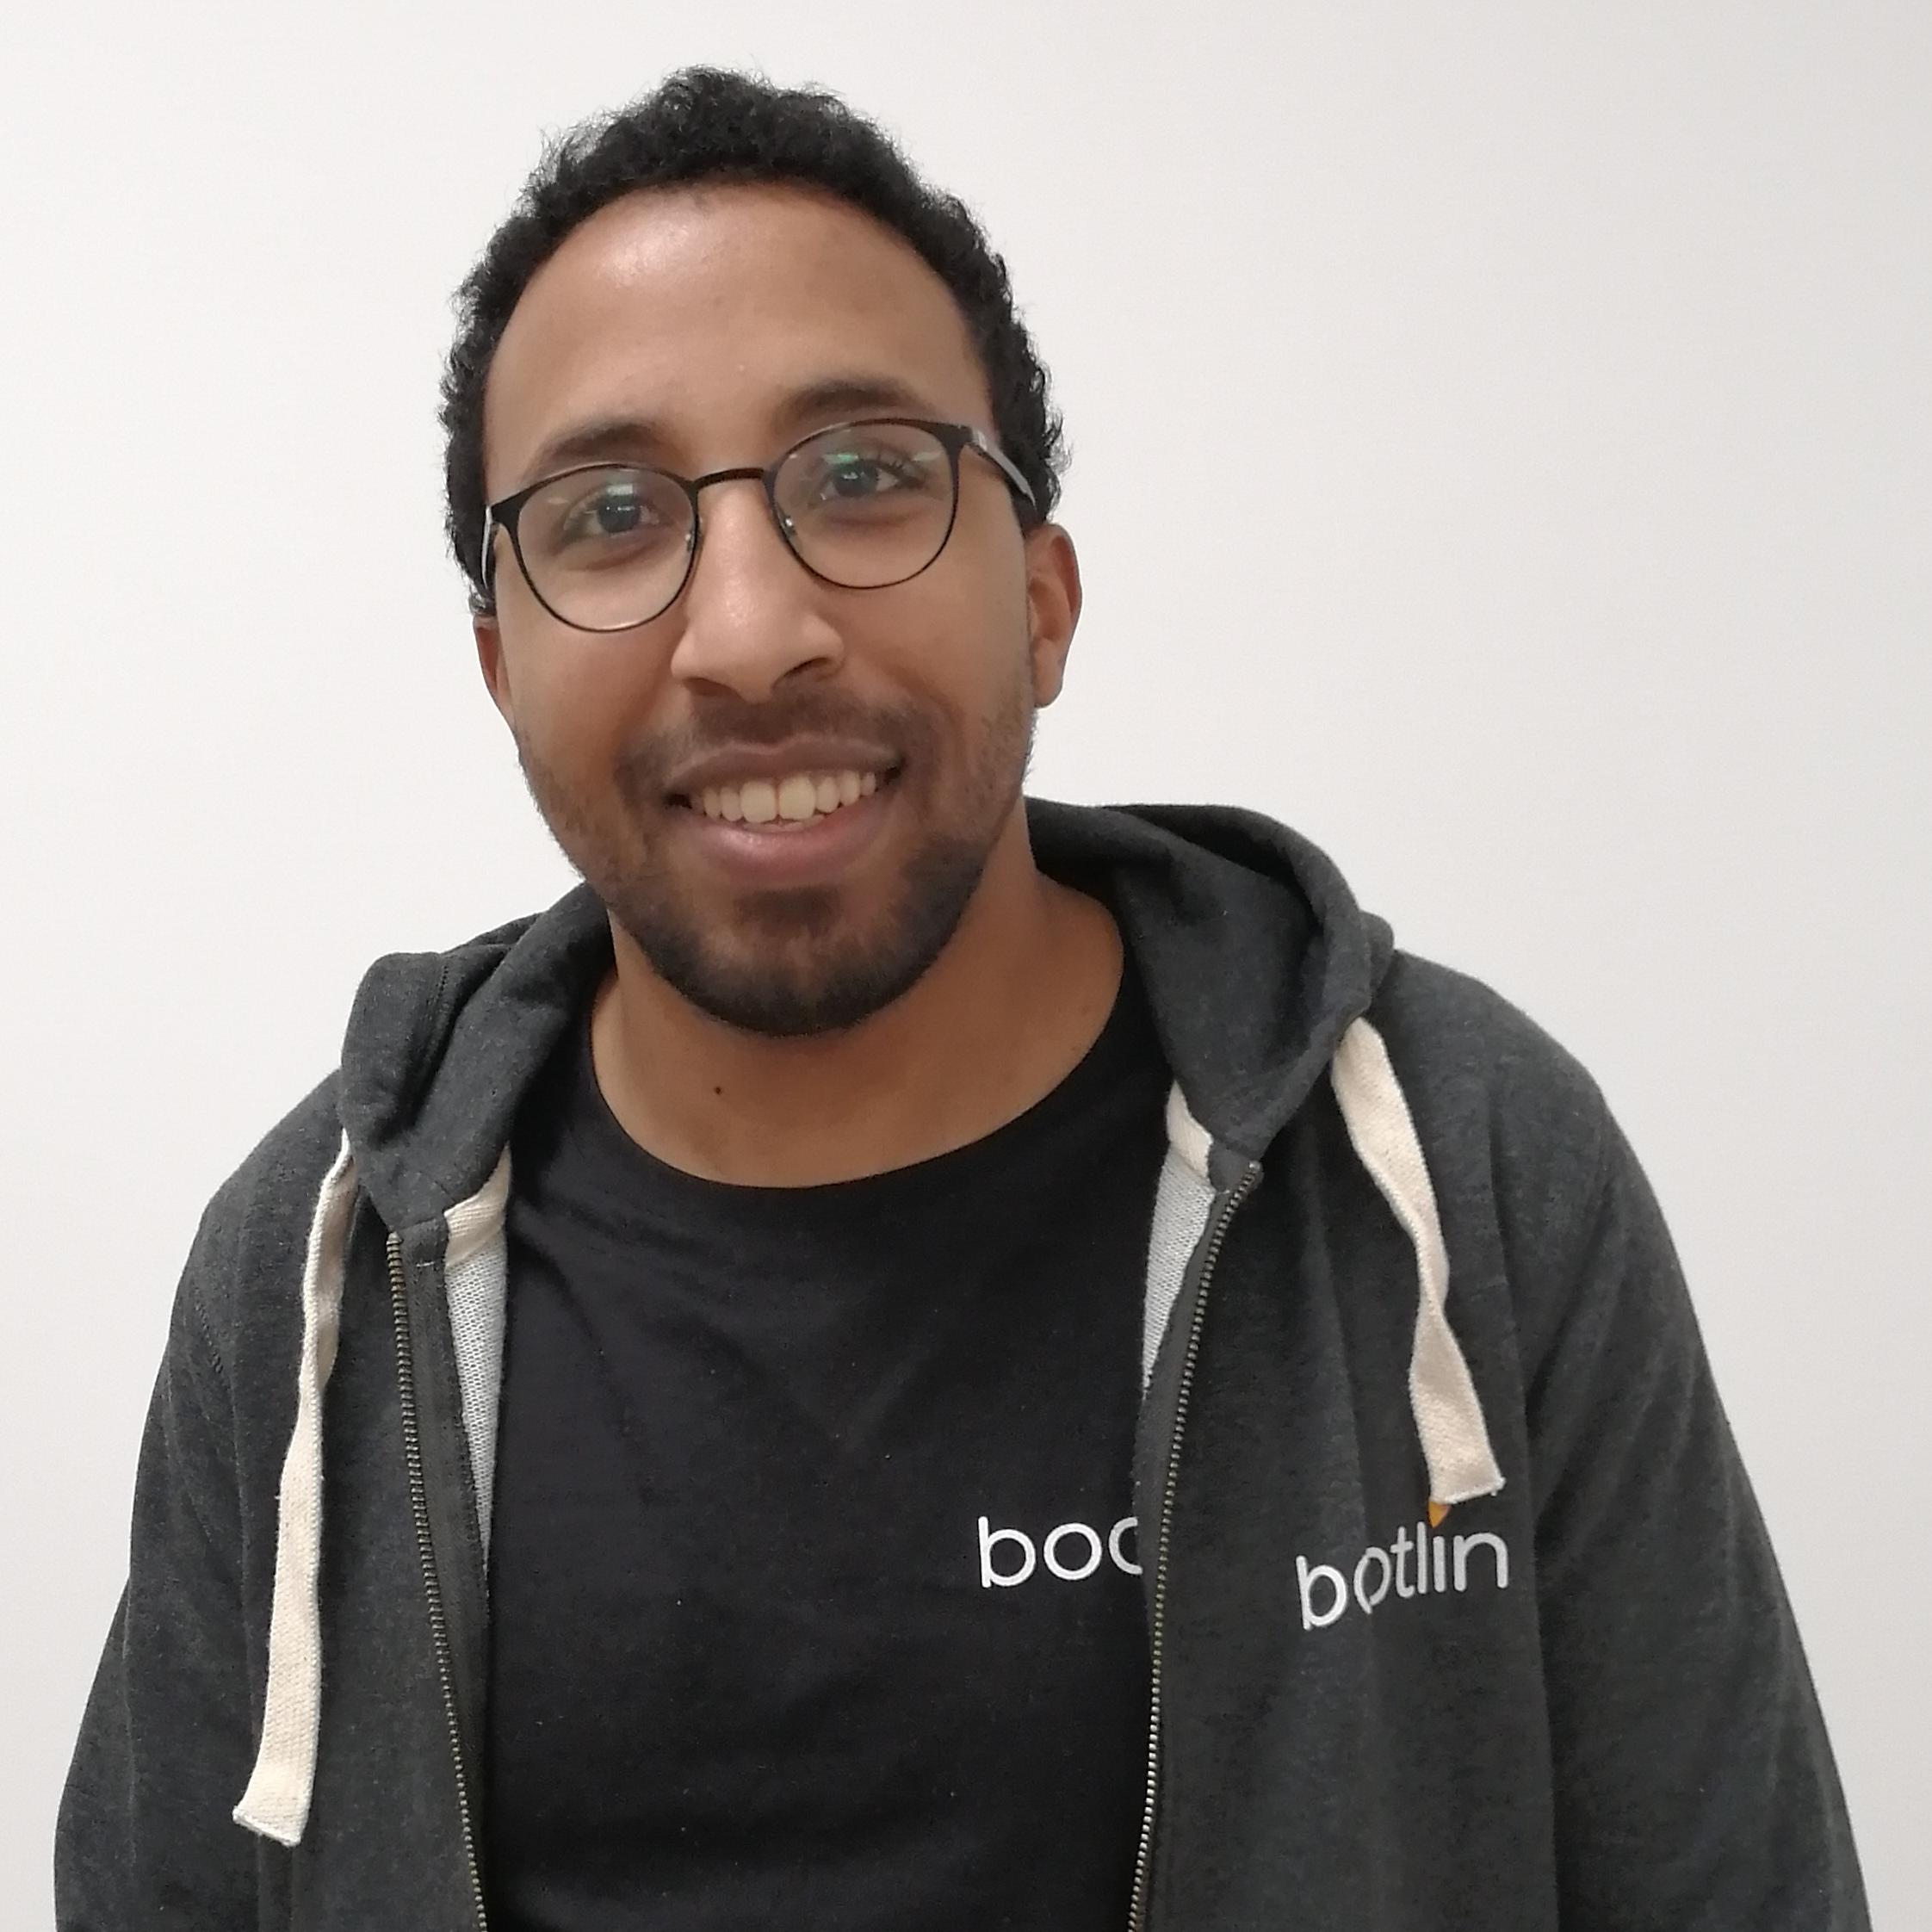 Kamel Bouhara